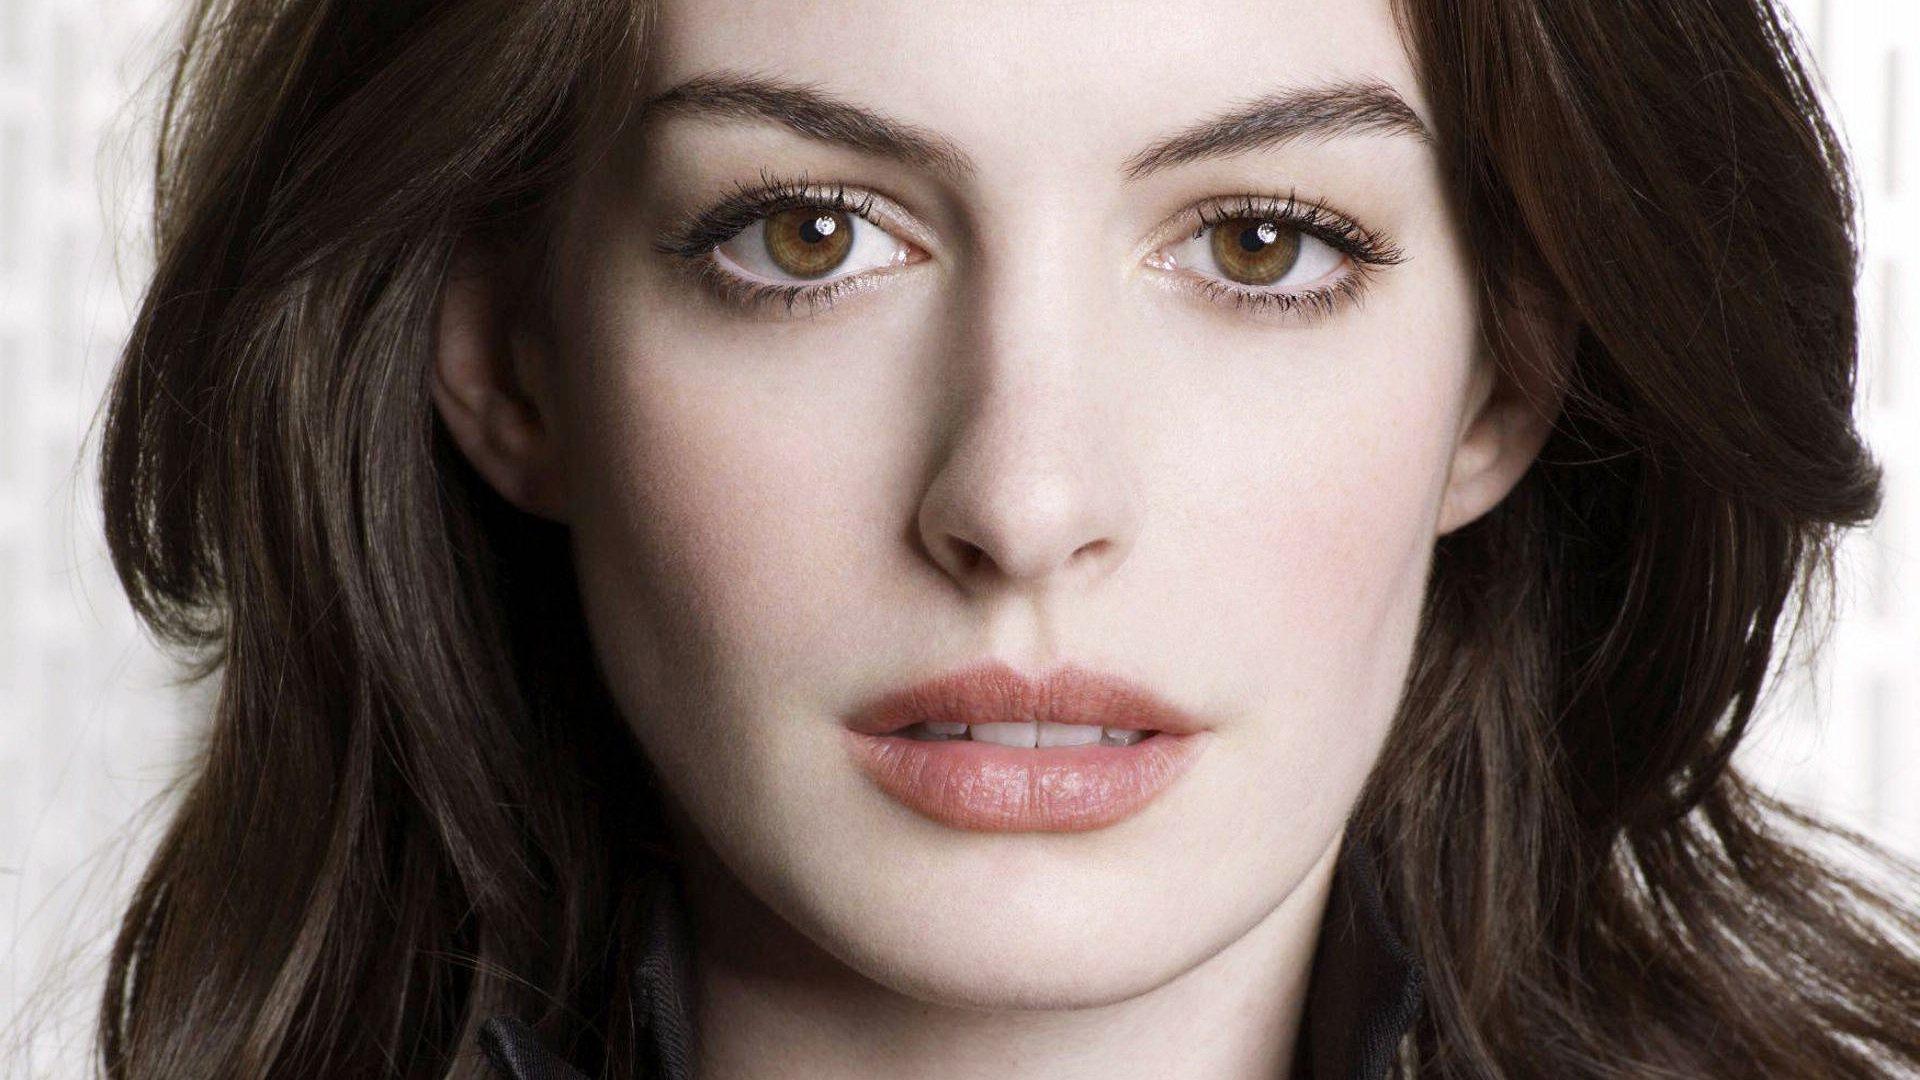 Anne Hathaway High Resolution